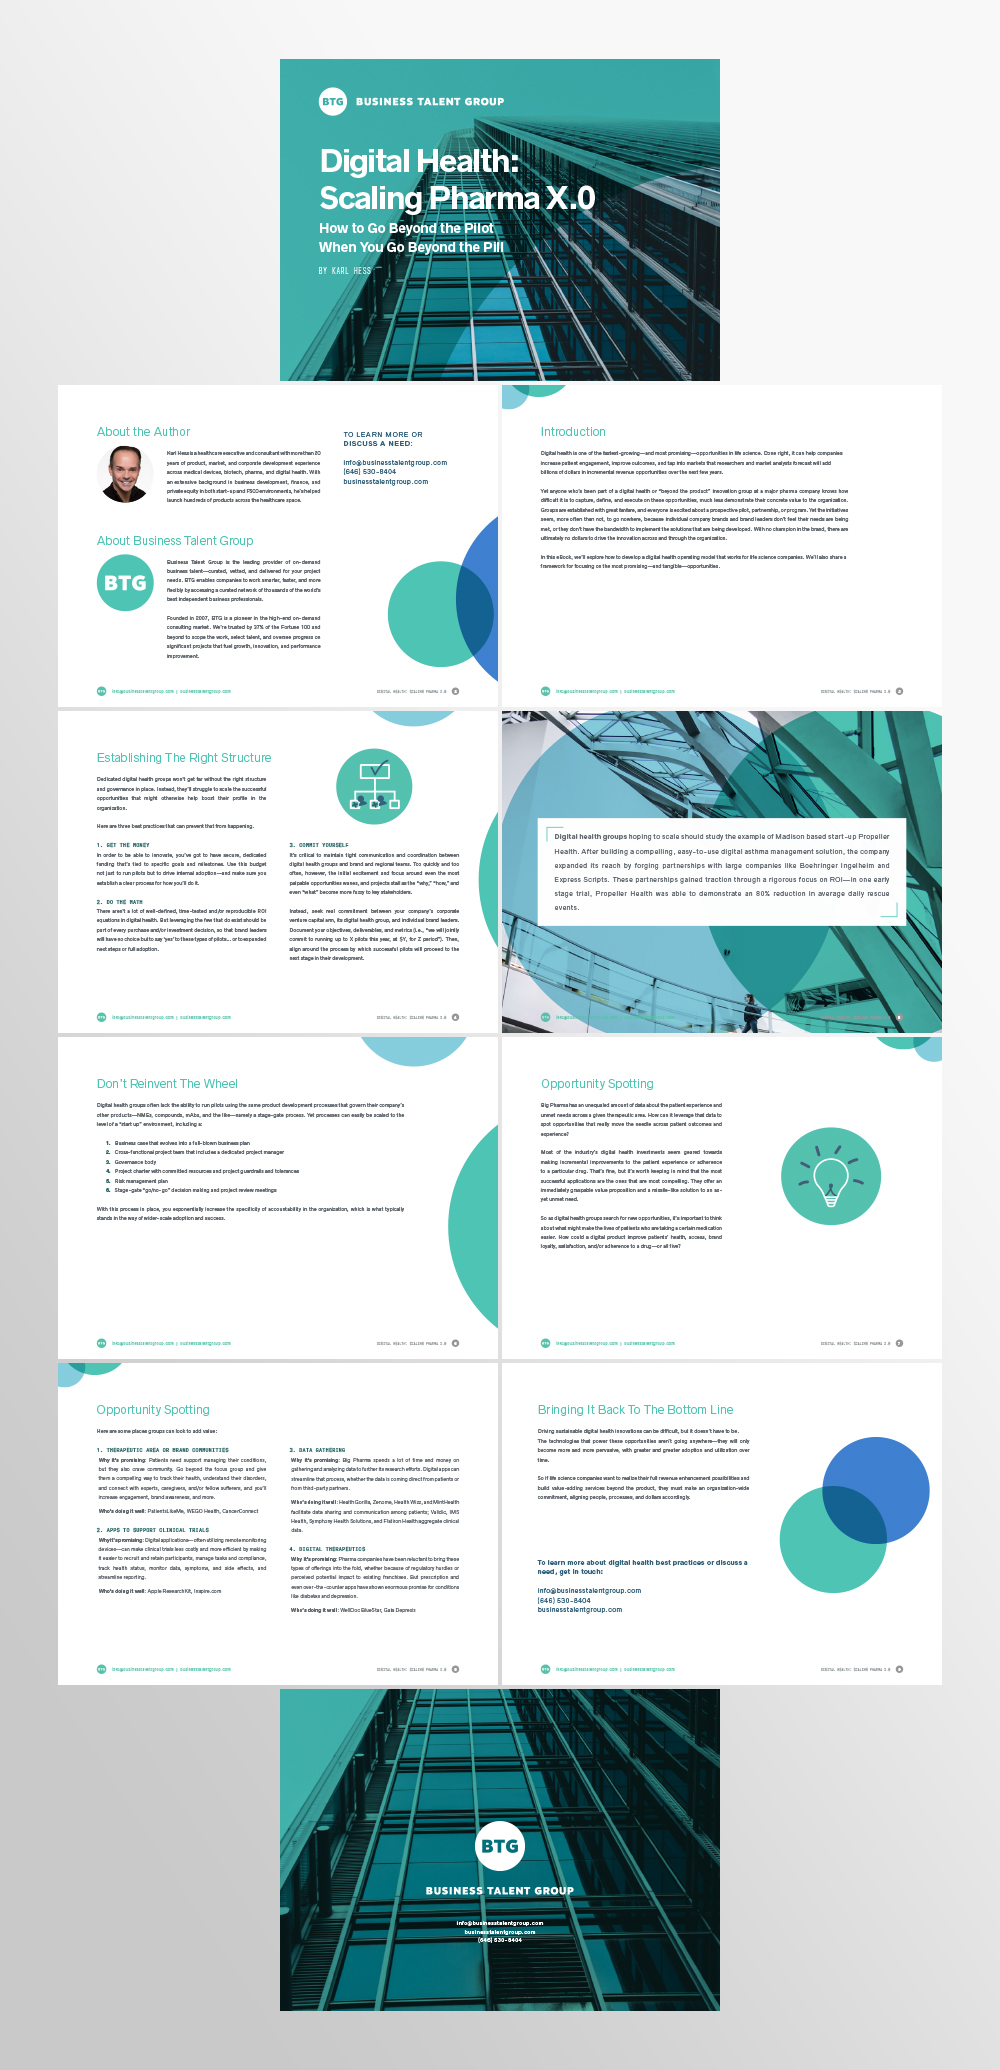 Corporate E-Book Presentation Design Services